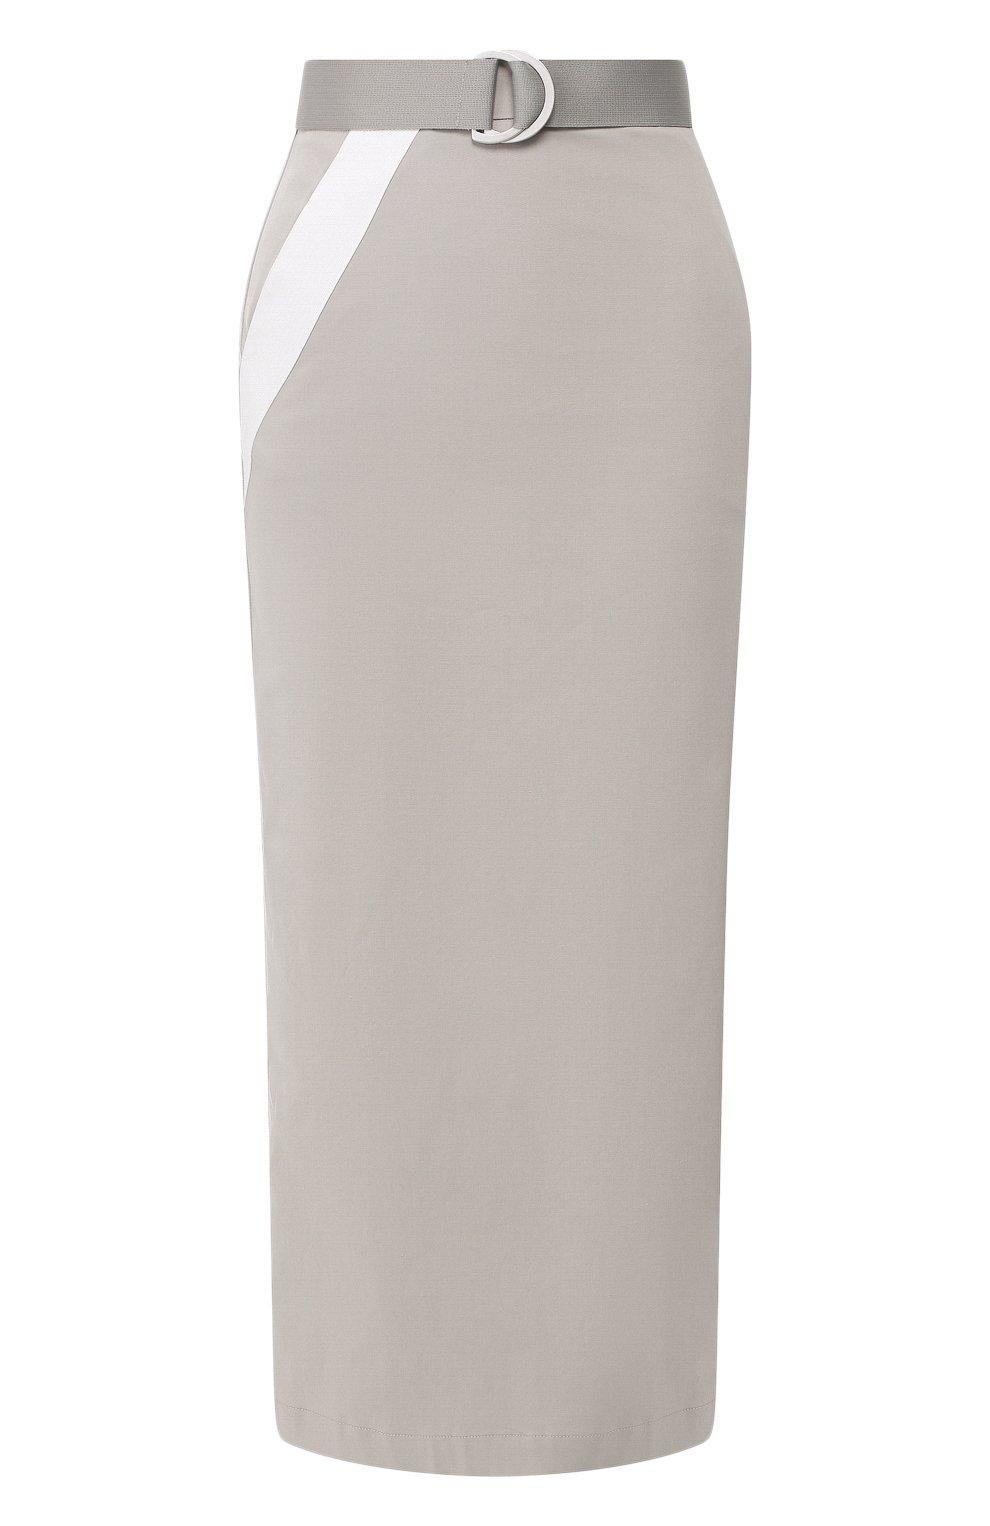 Женская хлопковая юбка LORENA ANTONIAZZI серого цвета, арт. P2033G0006/3184 | Фото 1 (Женское Кросс-КТ: Юбка-карандаш; Материал внешний: Хлопок; Длина Ж (юбки, платья, шорты): Миди)